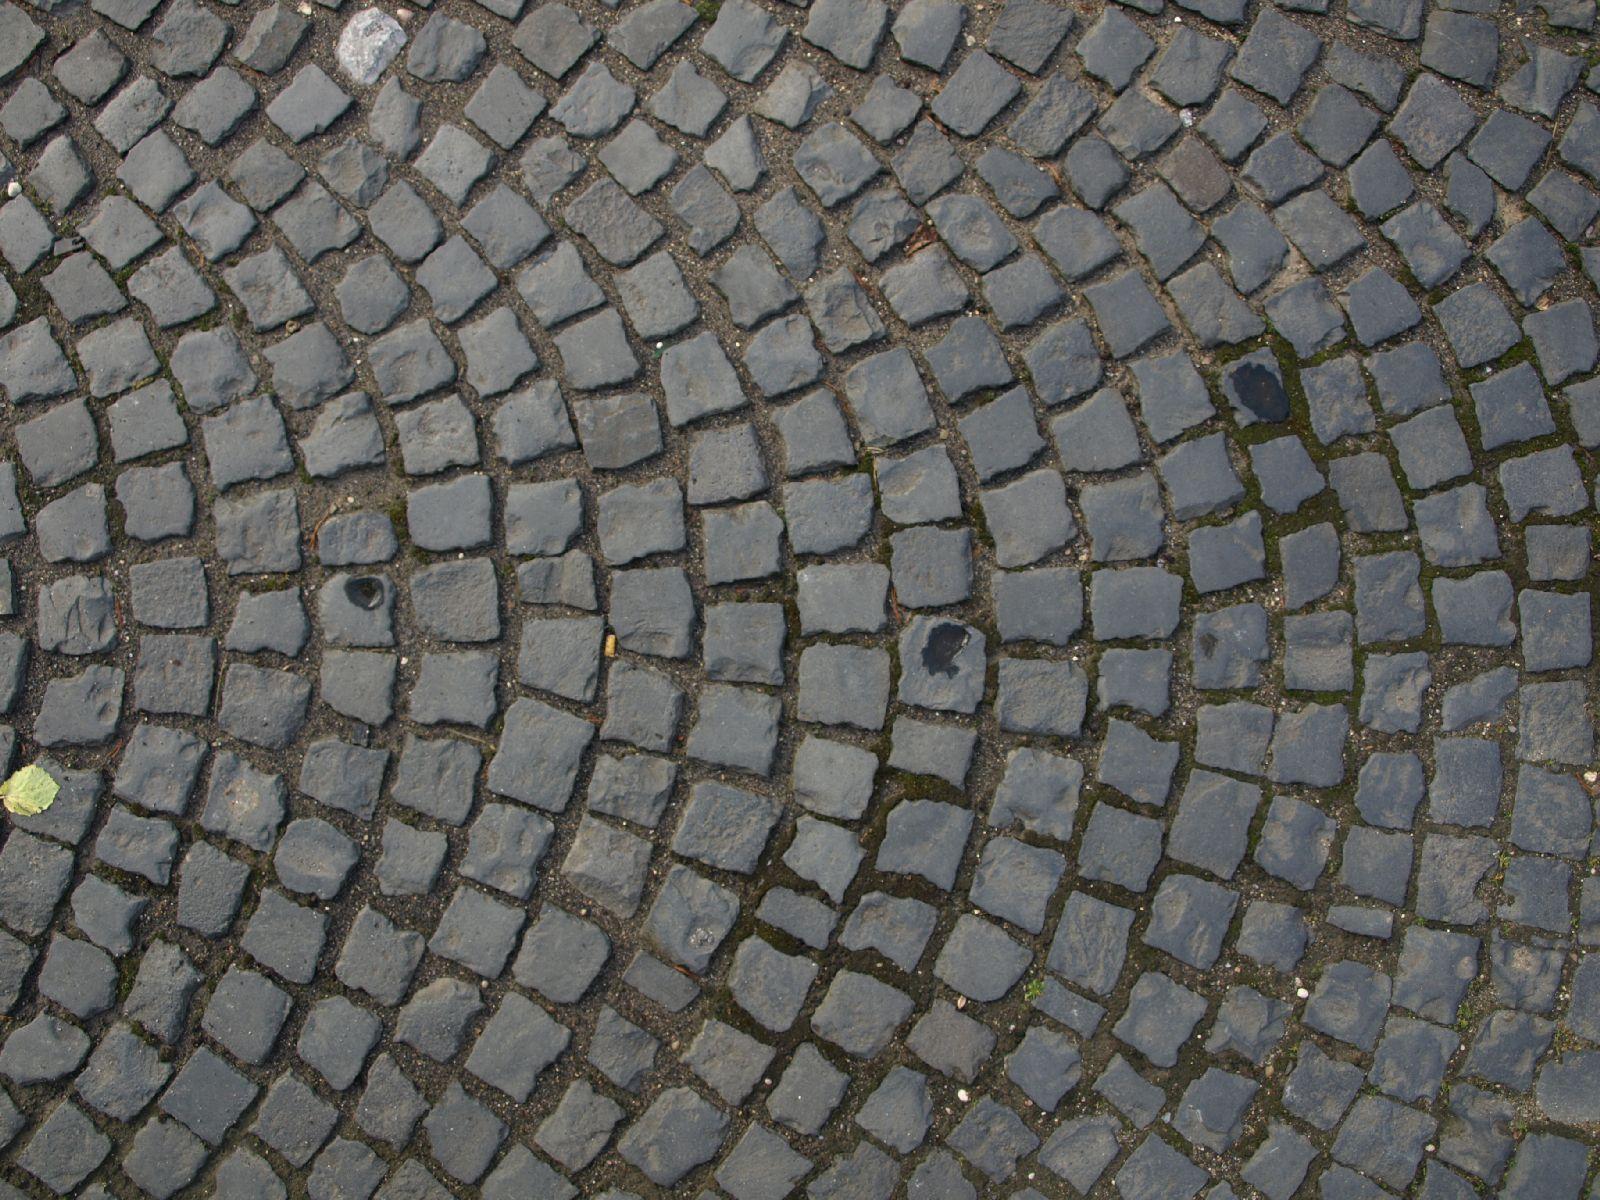 Boden-Gehweg-Strasse-Buergersteig-Textur_A_P8234614